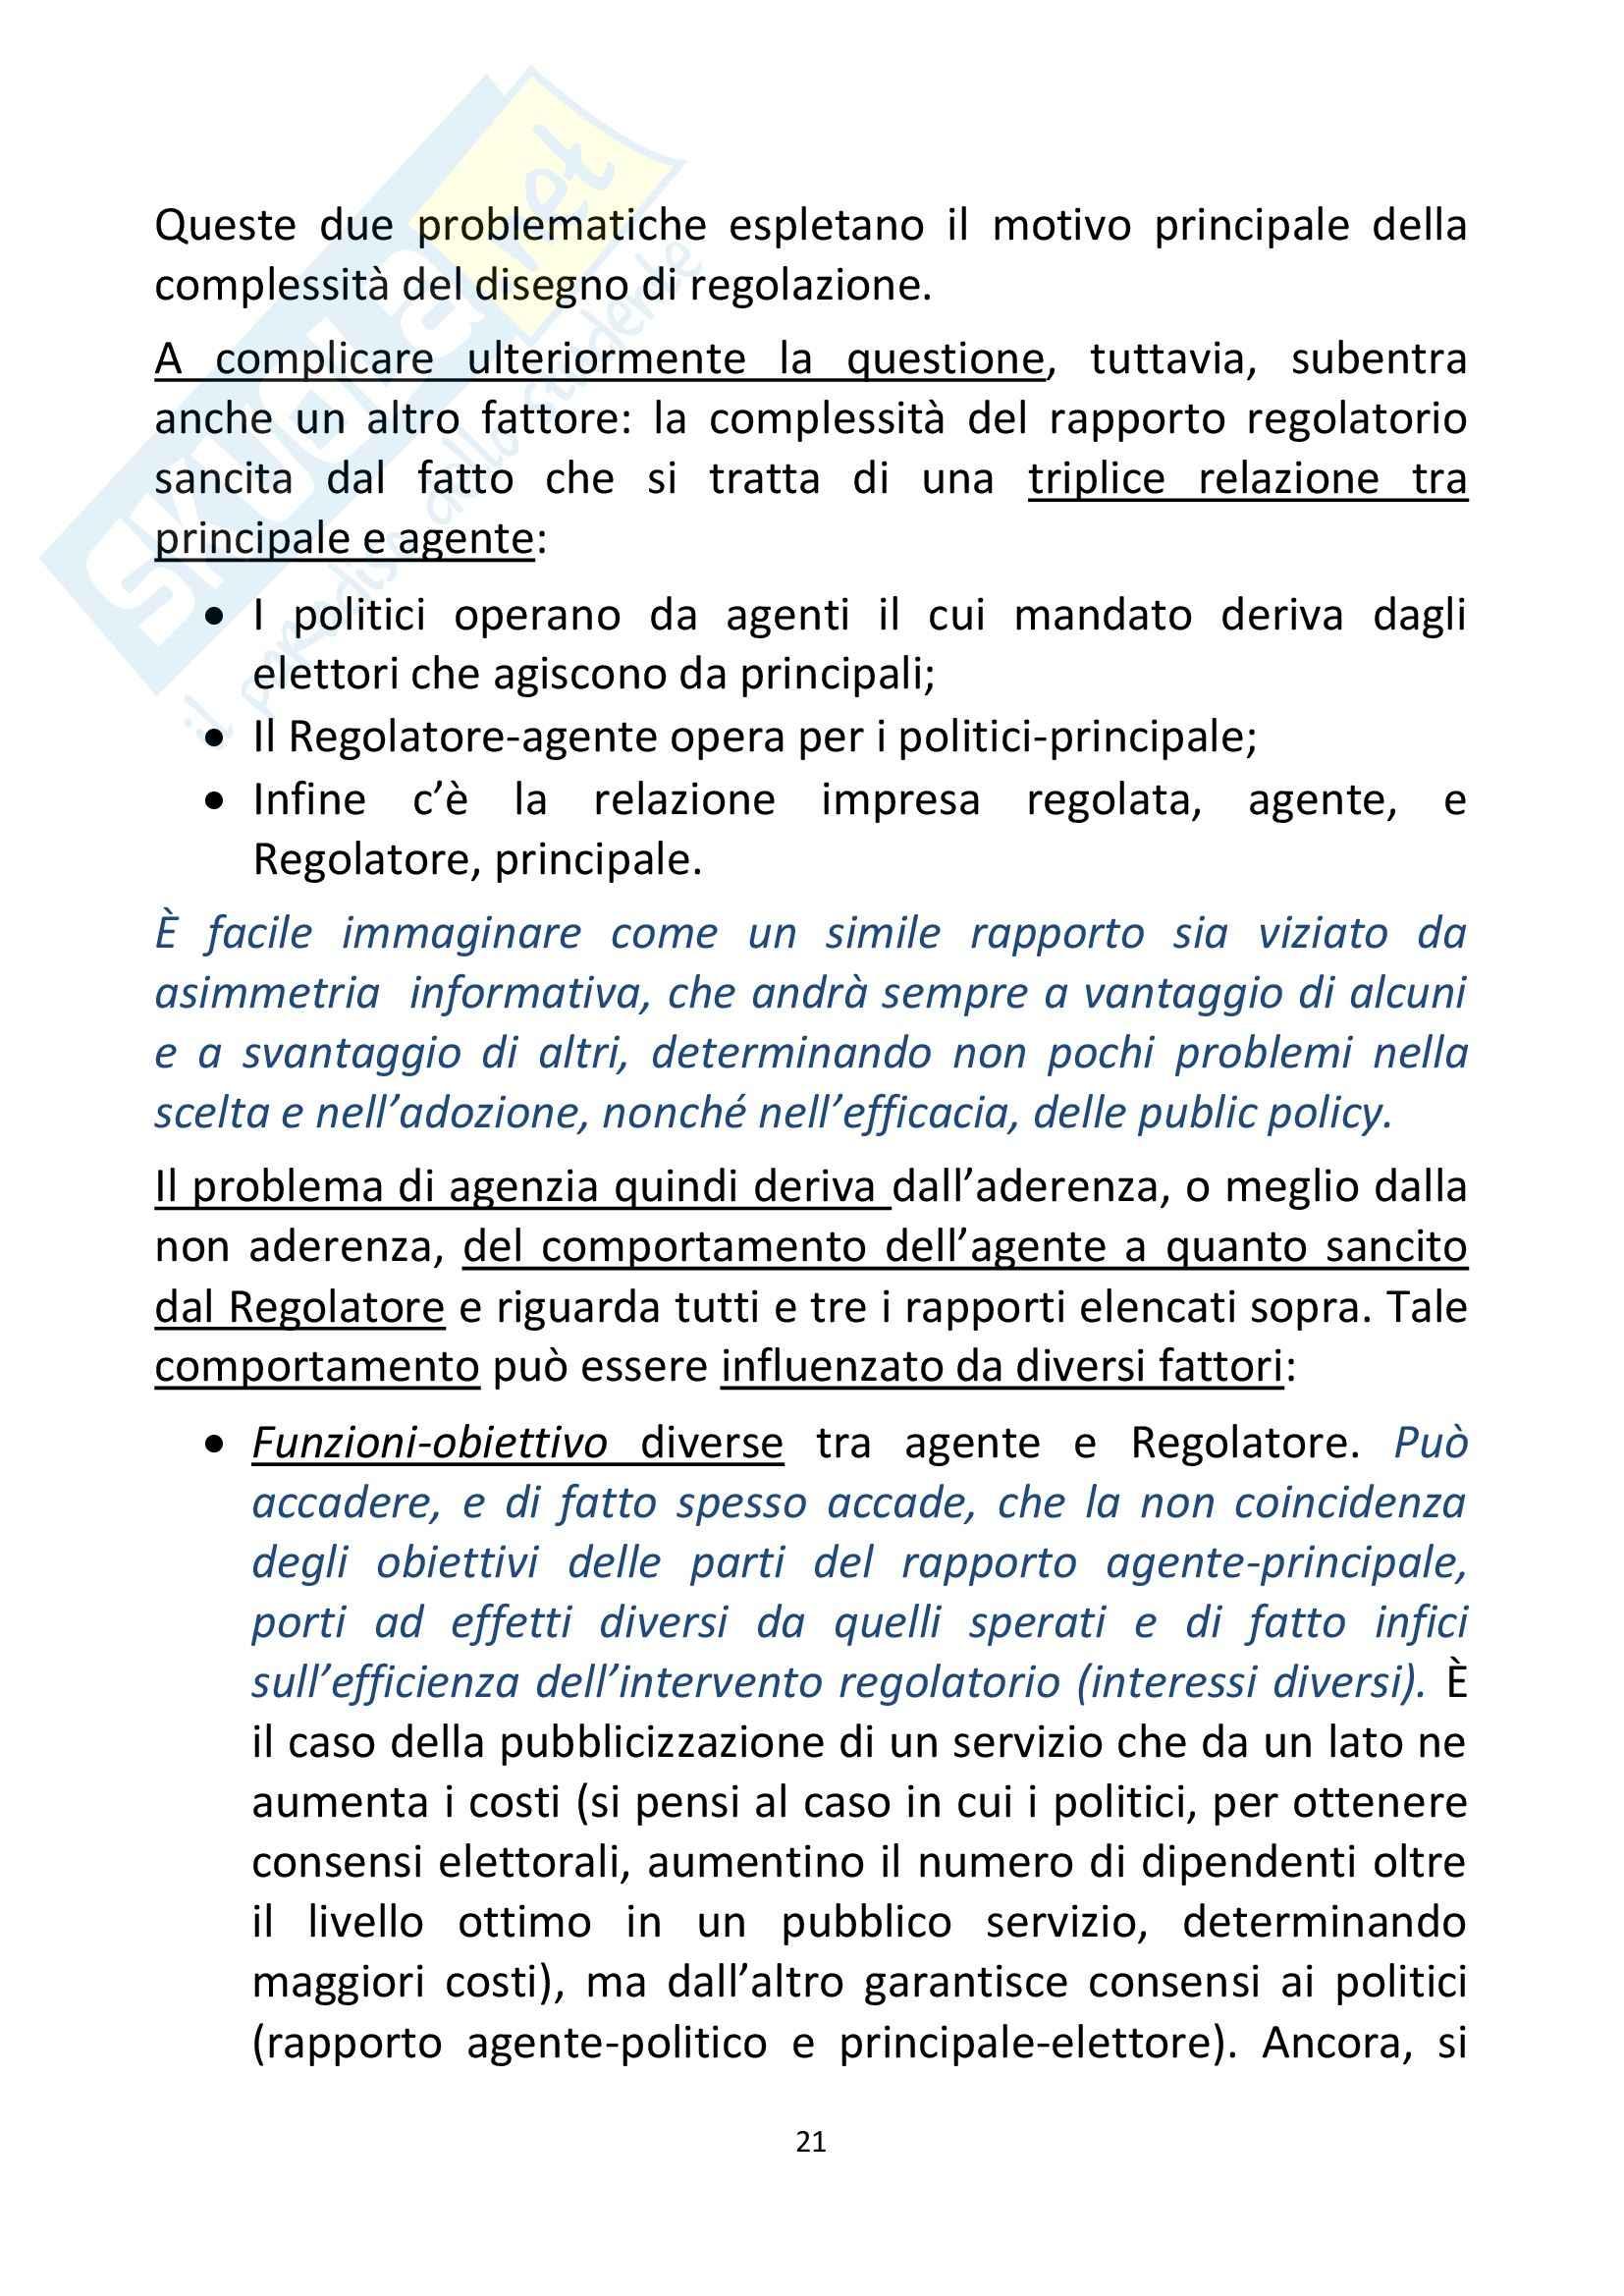 Riassunto esame Economia, prof. Ferrari, libro consigliato Regolazione dei servizi infrastrutturali, teoria e pratica,Marzi, Prosperetti, Putzu Pag. 21